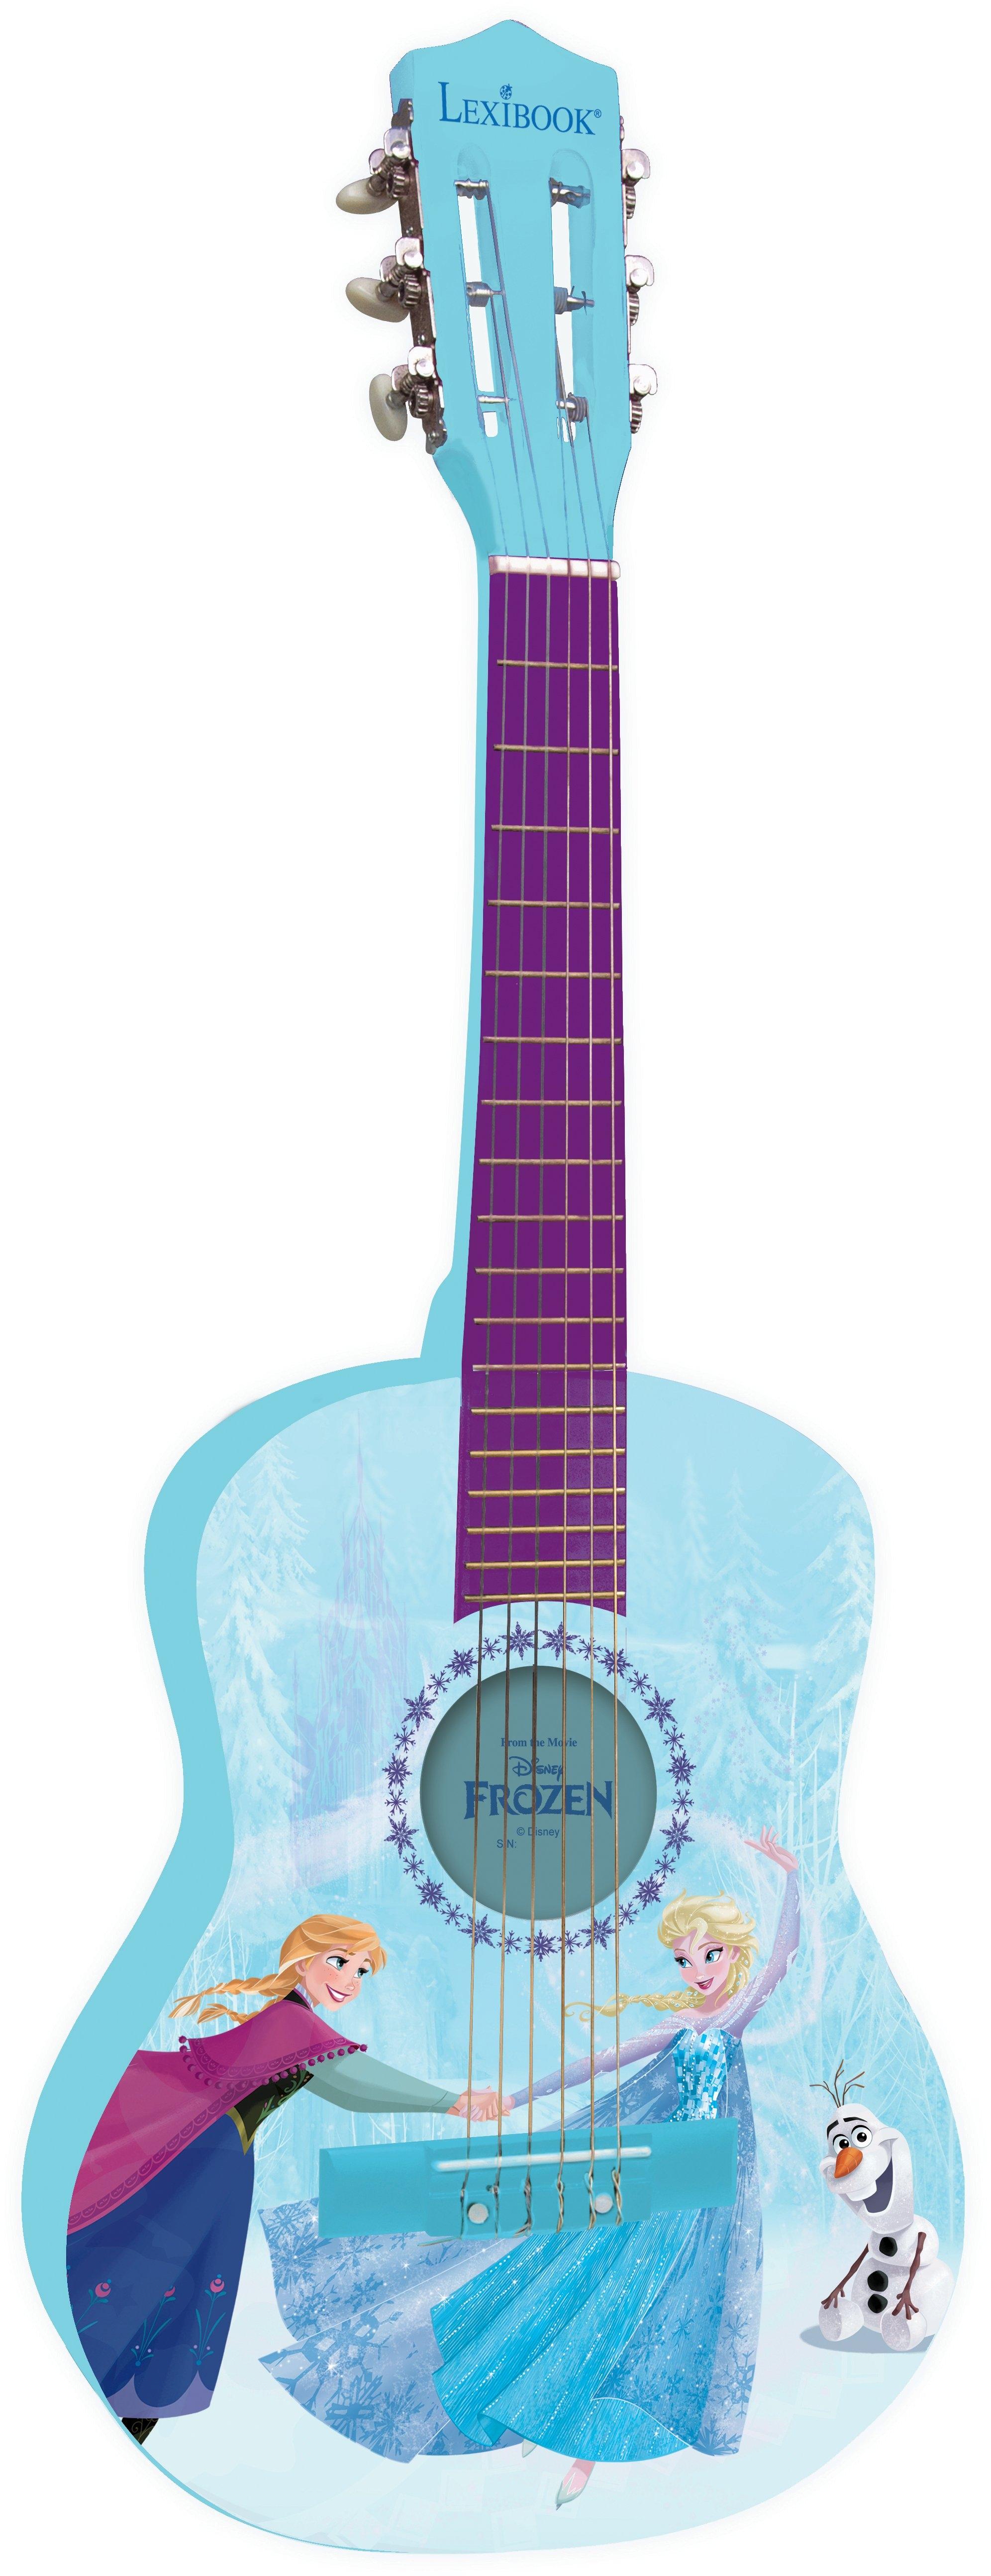 winkel bestsellers geweldige kwaliteit goedkoop Speelgoed gitaren kopen   Bekijk de collectie   OTTO